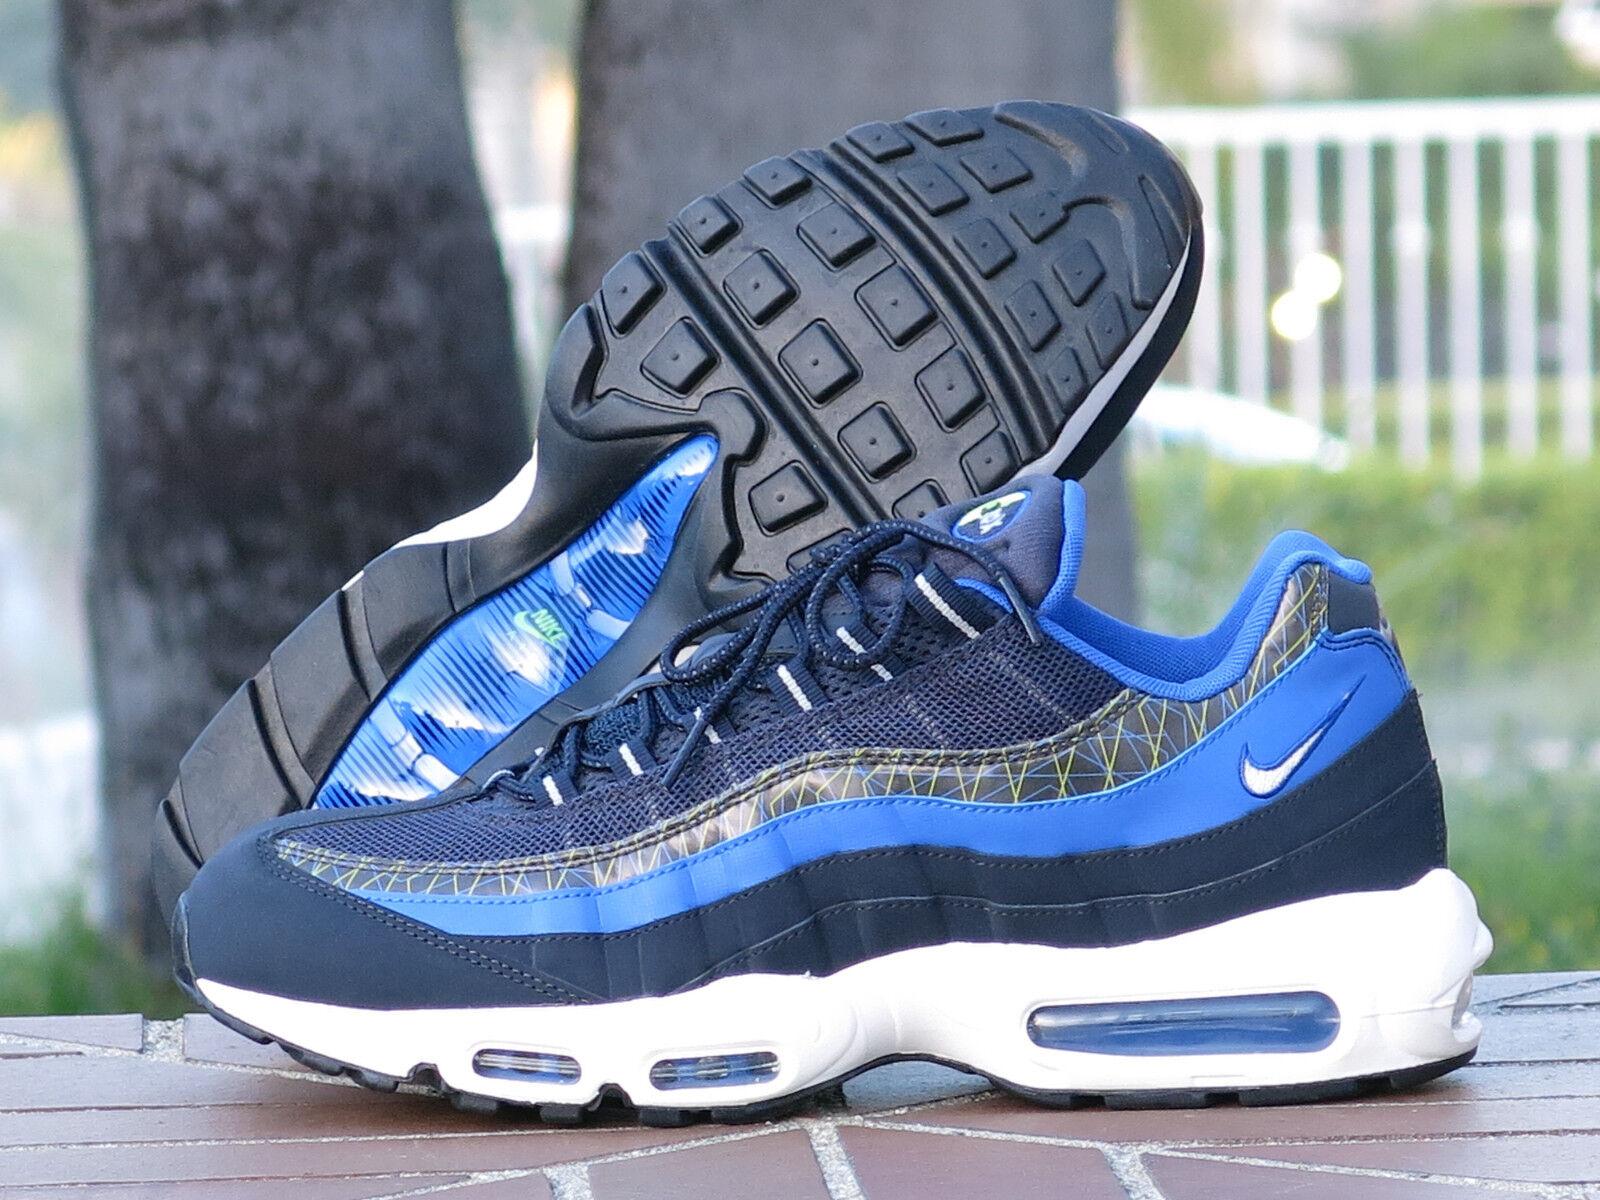 Nike air max 95 premio uomini uomini premio corre, la formazione delle scarpe 538416-443 sz 11 cd98a7